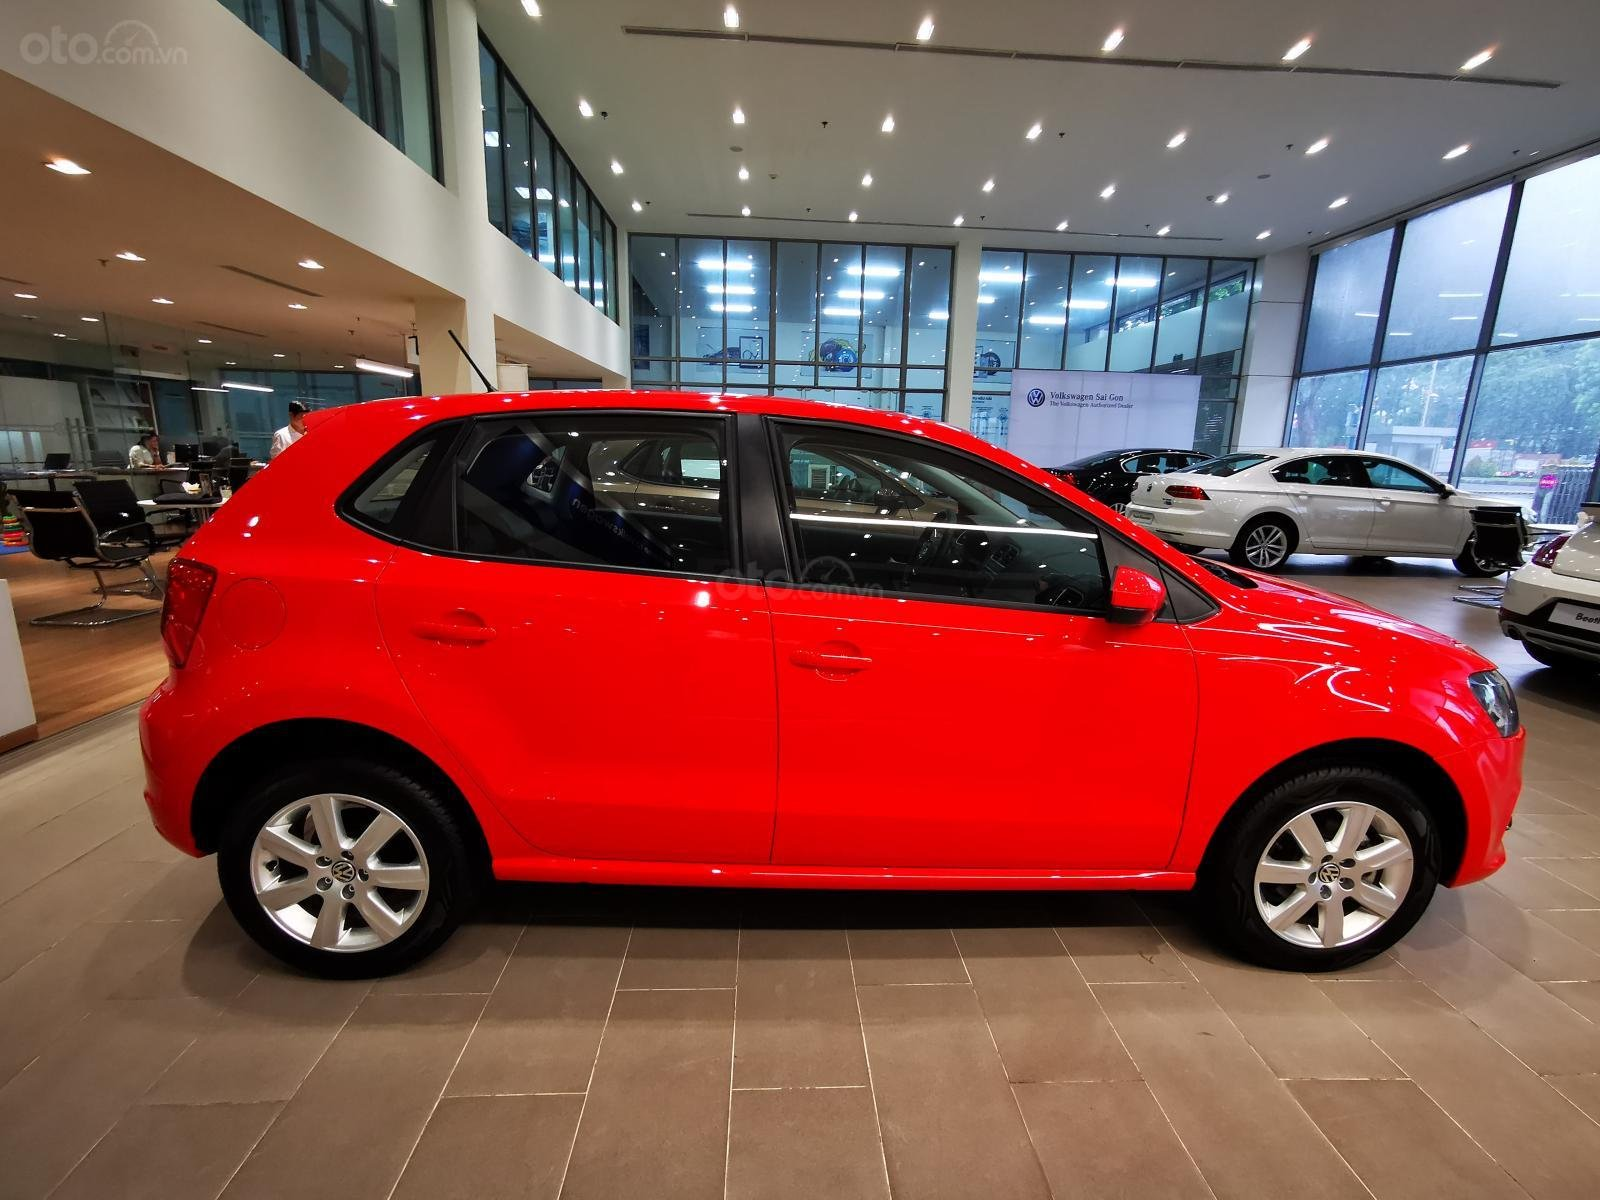 Bán ô tô Volkswagen Polo Hatchback 2018, màu đỏ, nhập khẩu nguyên chiếc - hỗ trợ 100% trước bạ (9)